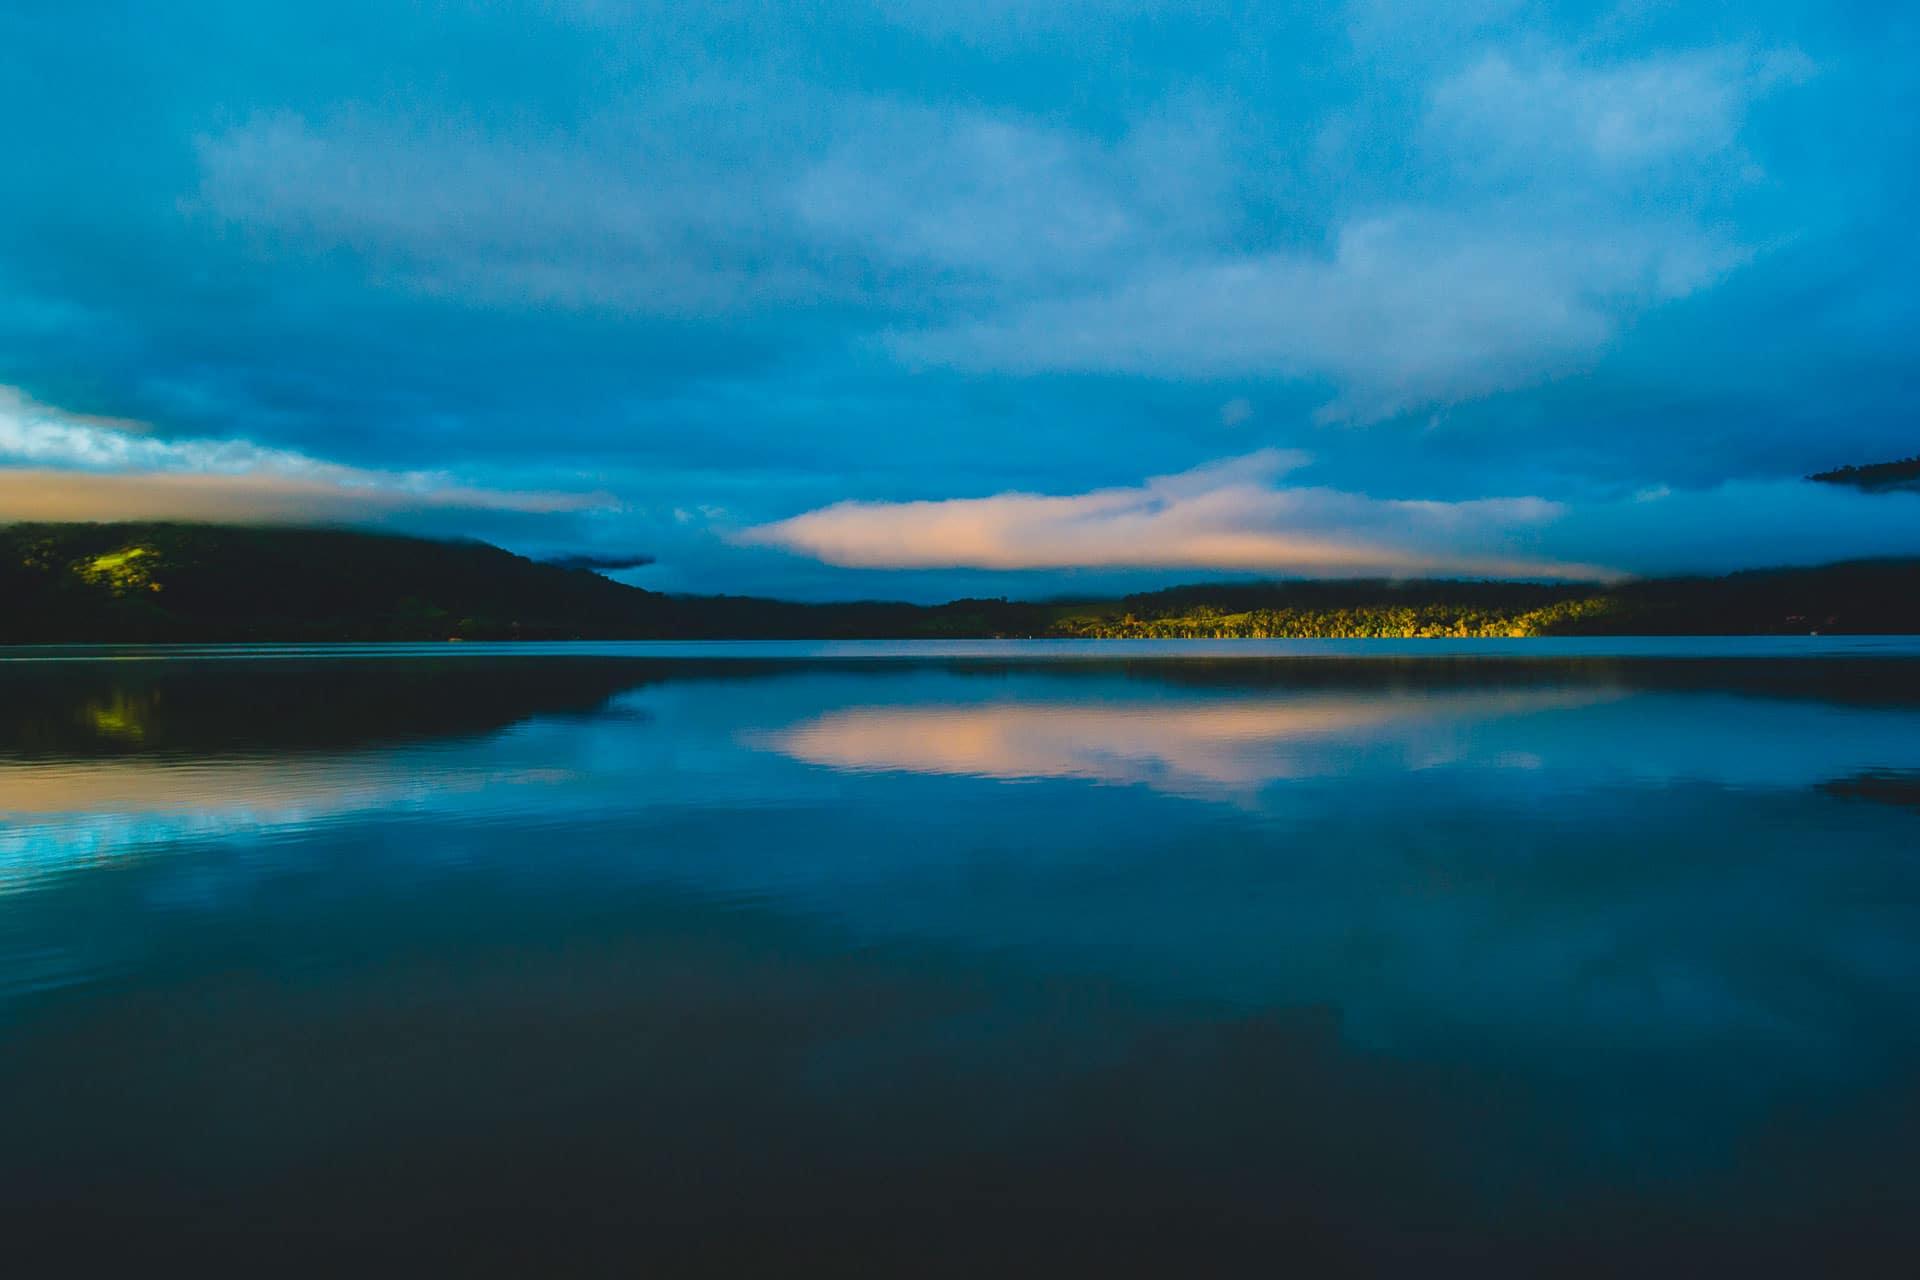 Vista panorámica del amanecer en el valle de Tarapoto